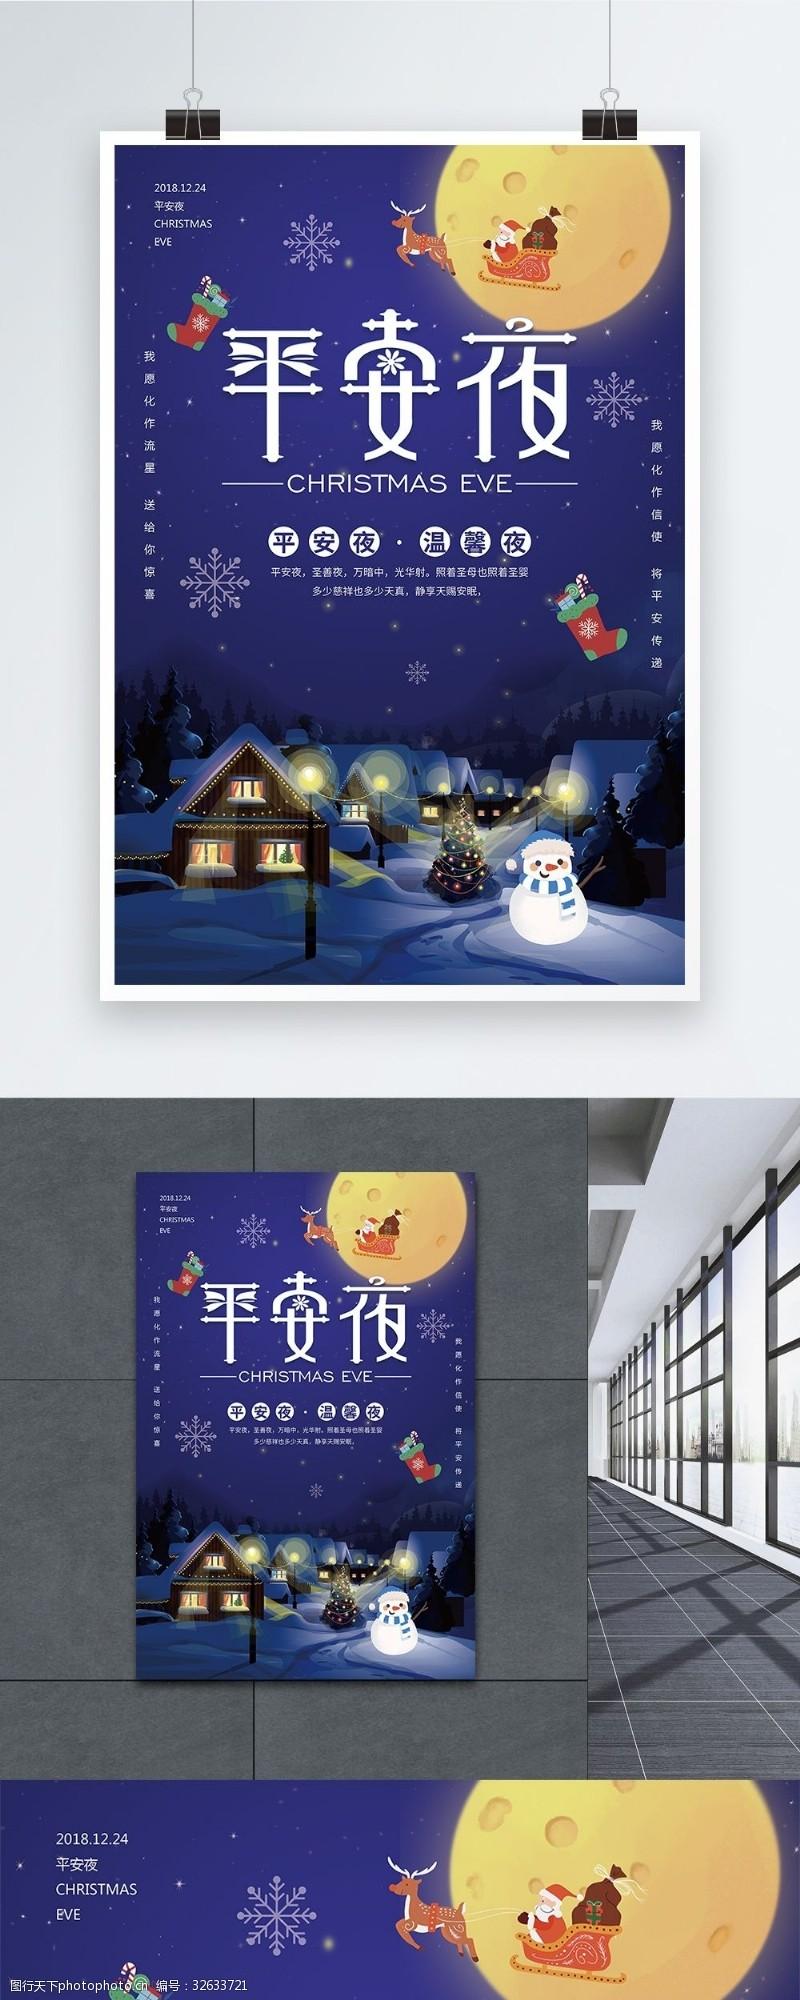 节日海报圣诞节圣诞平安夜节日海报